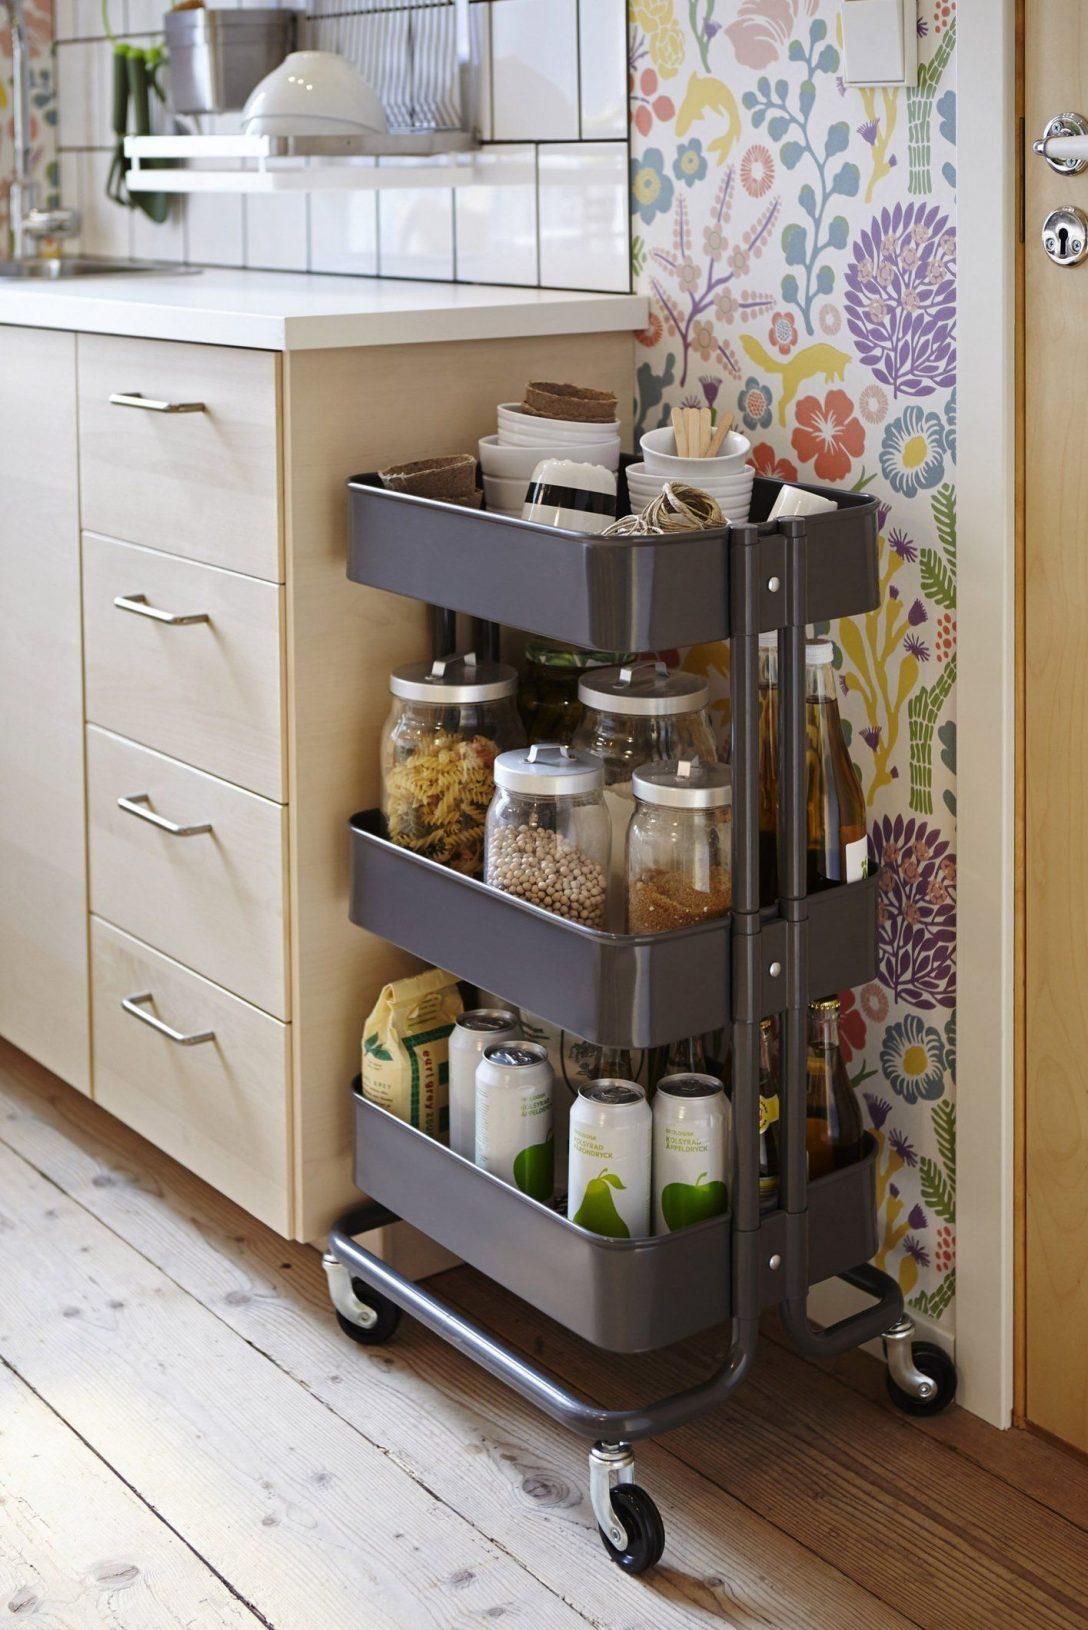 Large Size of Ikea Küchenwagen 15 Ways To Use Ikeas 30 Rskog Cart Around The Kitchen Mbel Betten Bei Küche Kaufen Kosten 160x200 Sofa Mit Schlaffunktion Modulküche Wohnzimmer Ikea Küchenwagen